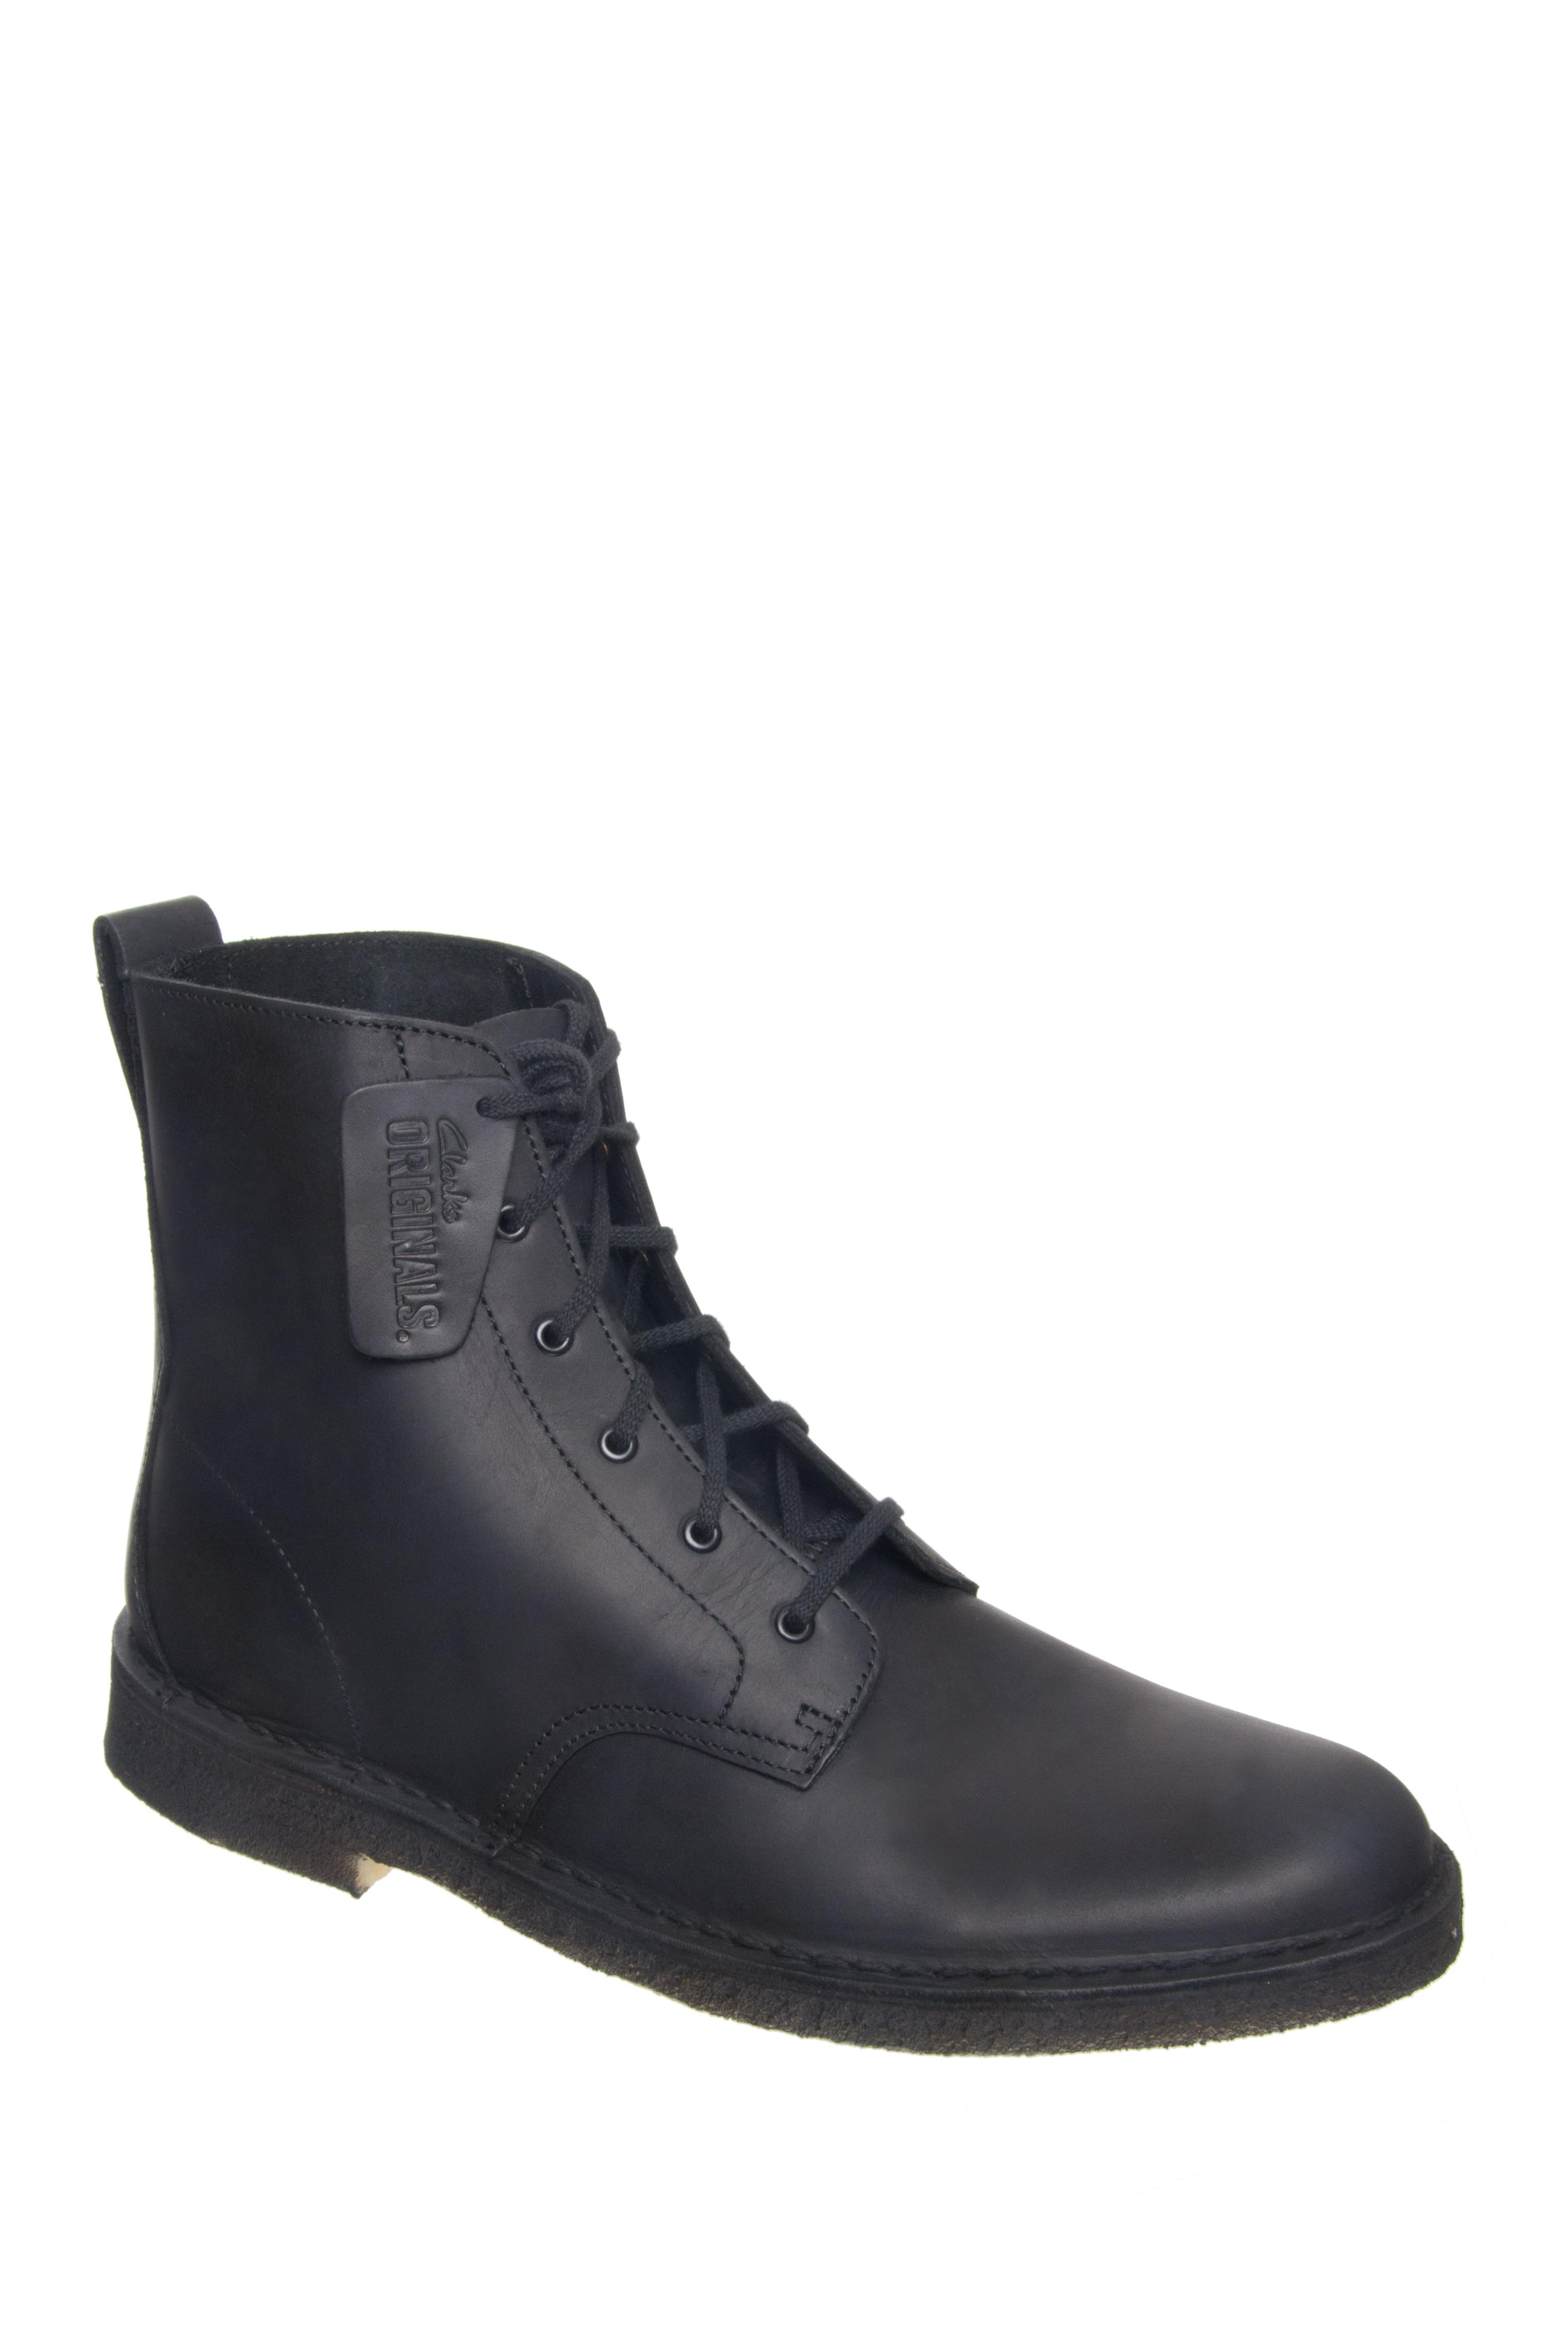 CLARKS Desert Mali Boots - Black